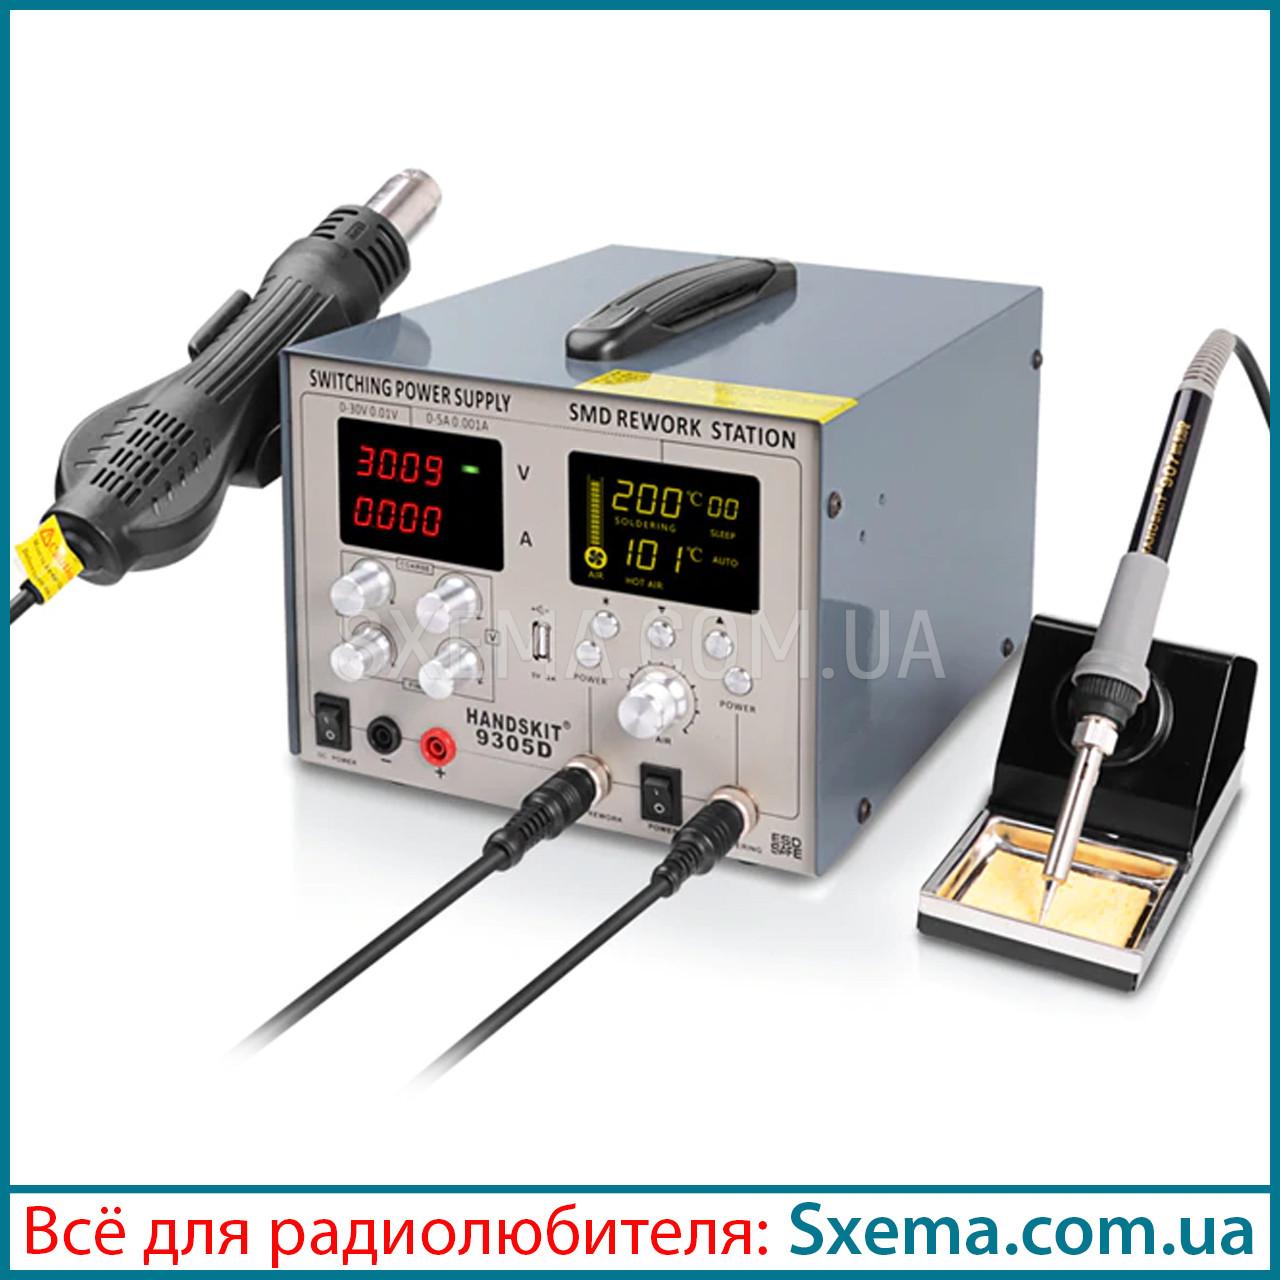 Паяльная станция с лабораторным блоком питания HandsKit 9305D 5 ампер, 30 вольт